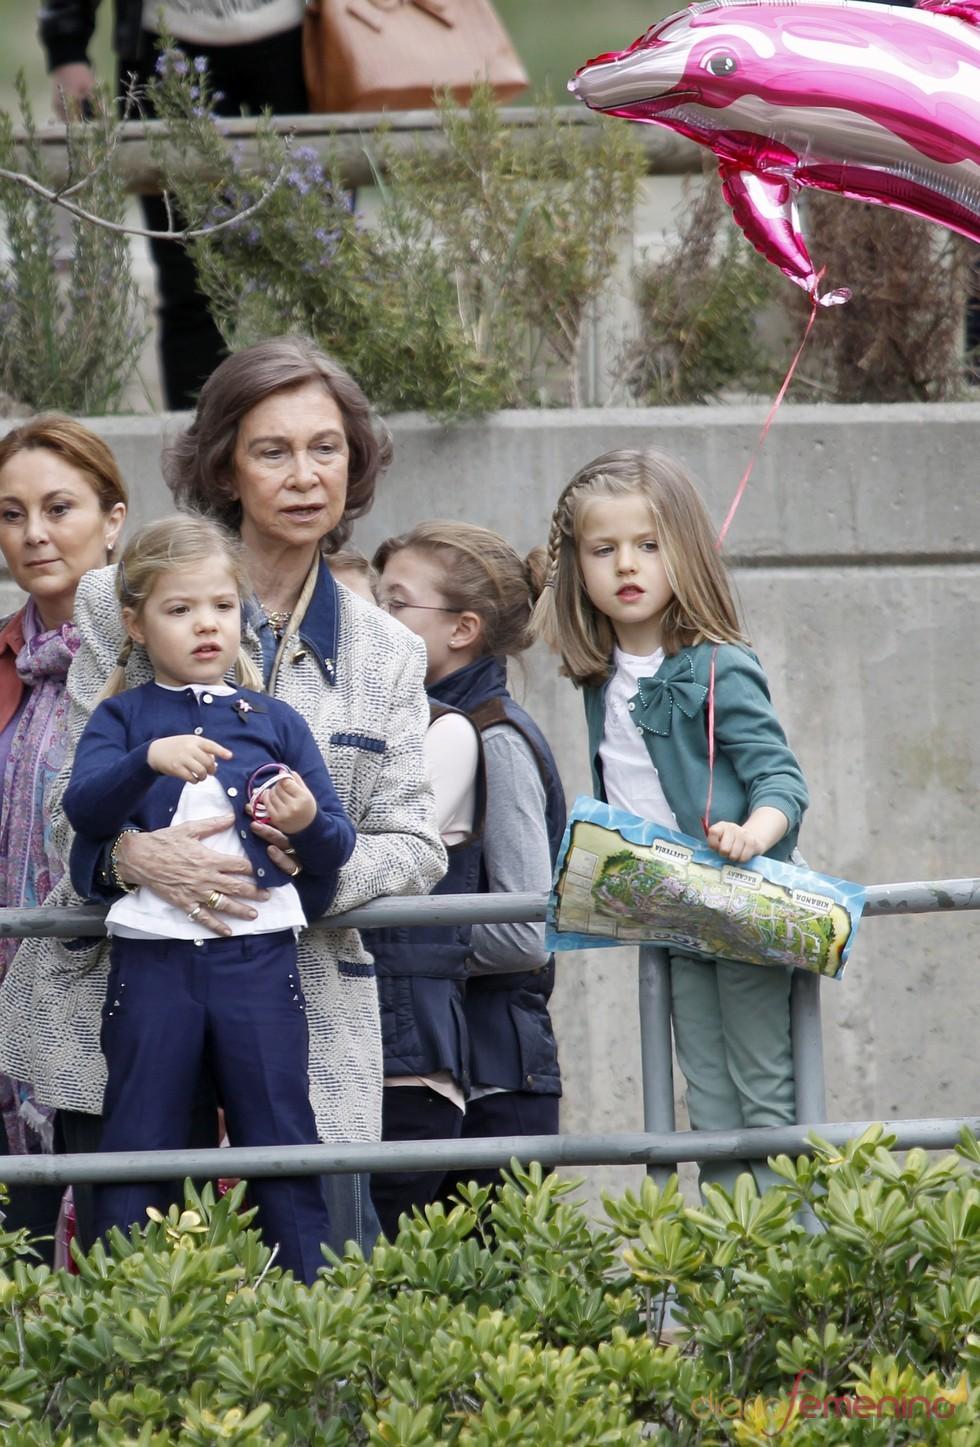 La Reina Sofía con sus nietas las Infantas Leonor y Sofía en el zoo de Madrid